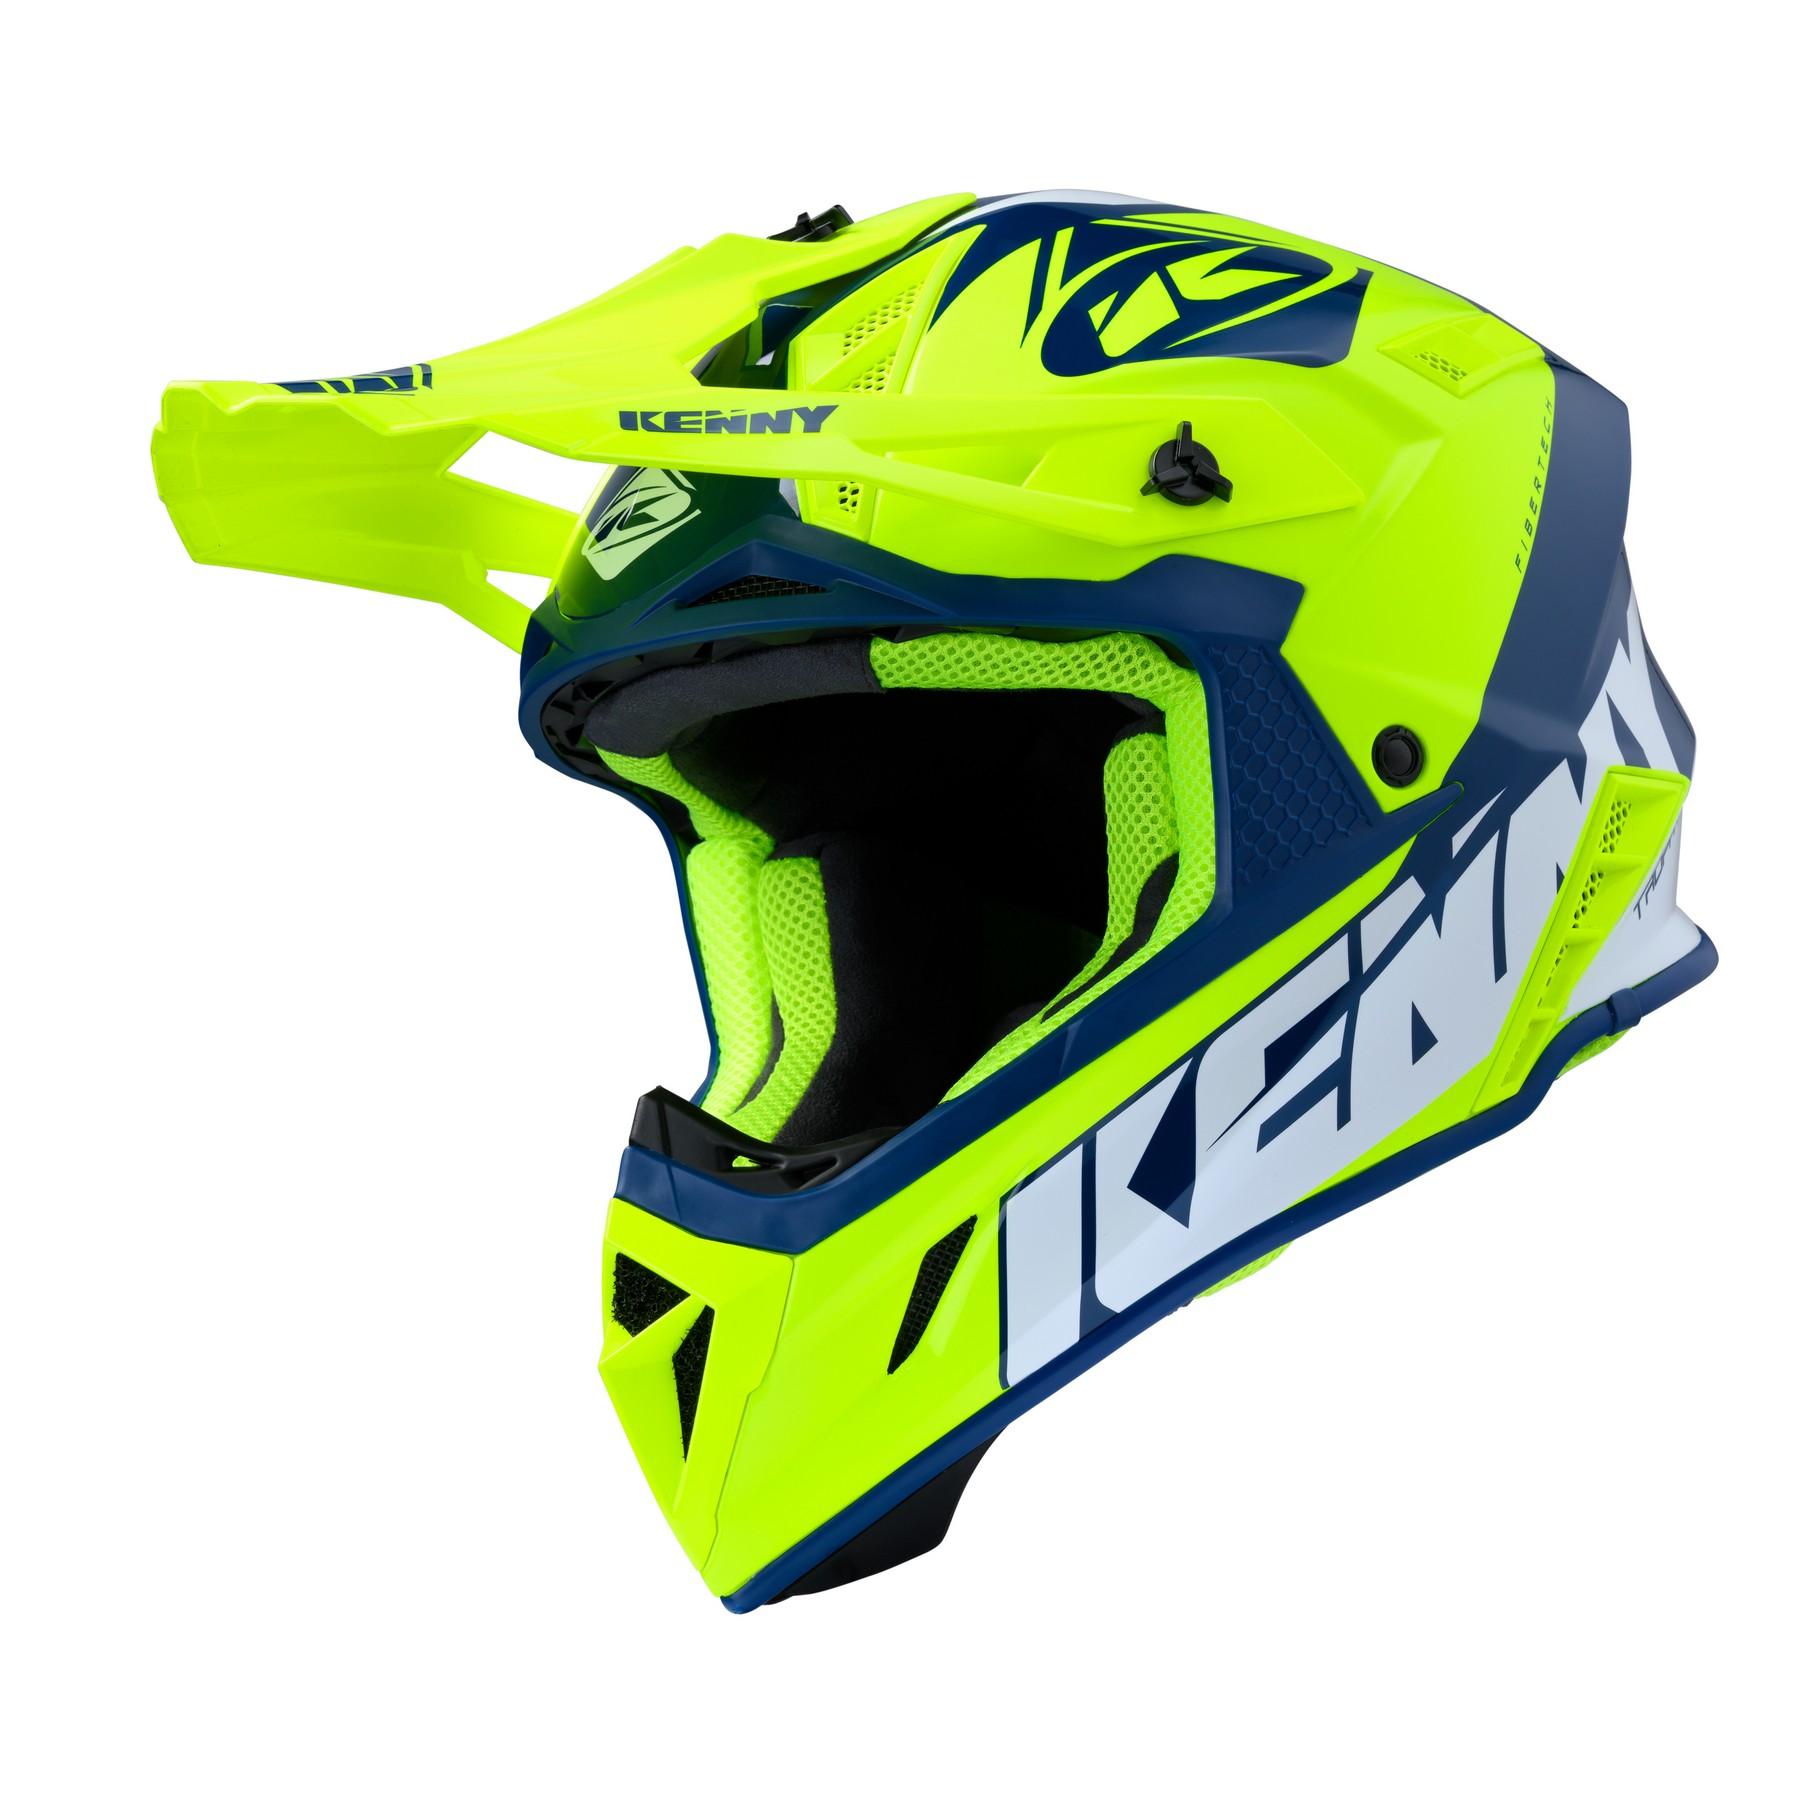 HELMET TROPHY Neon Yellow Kenny Racing